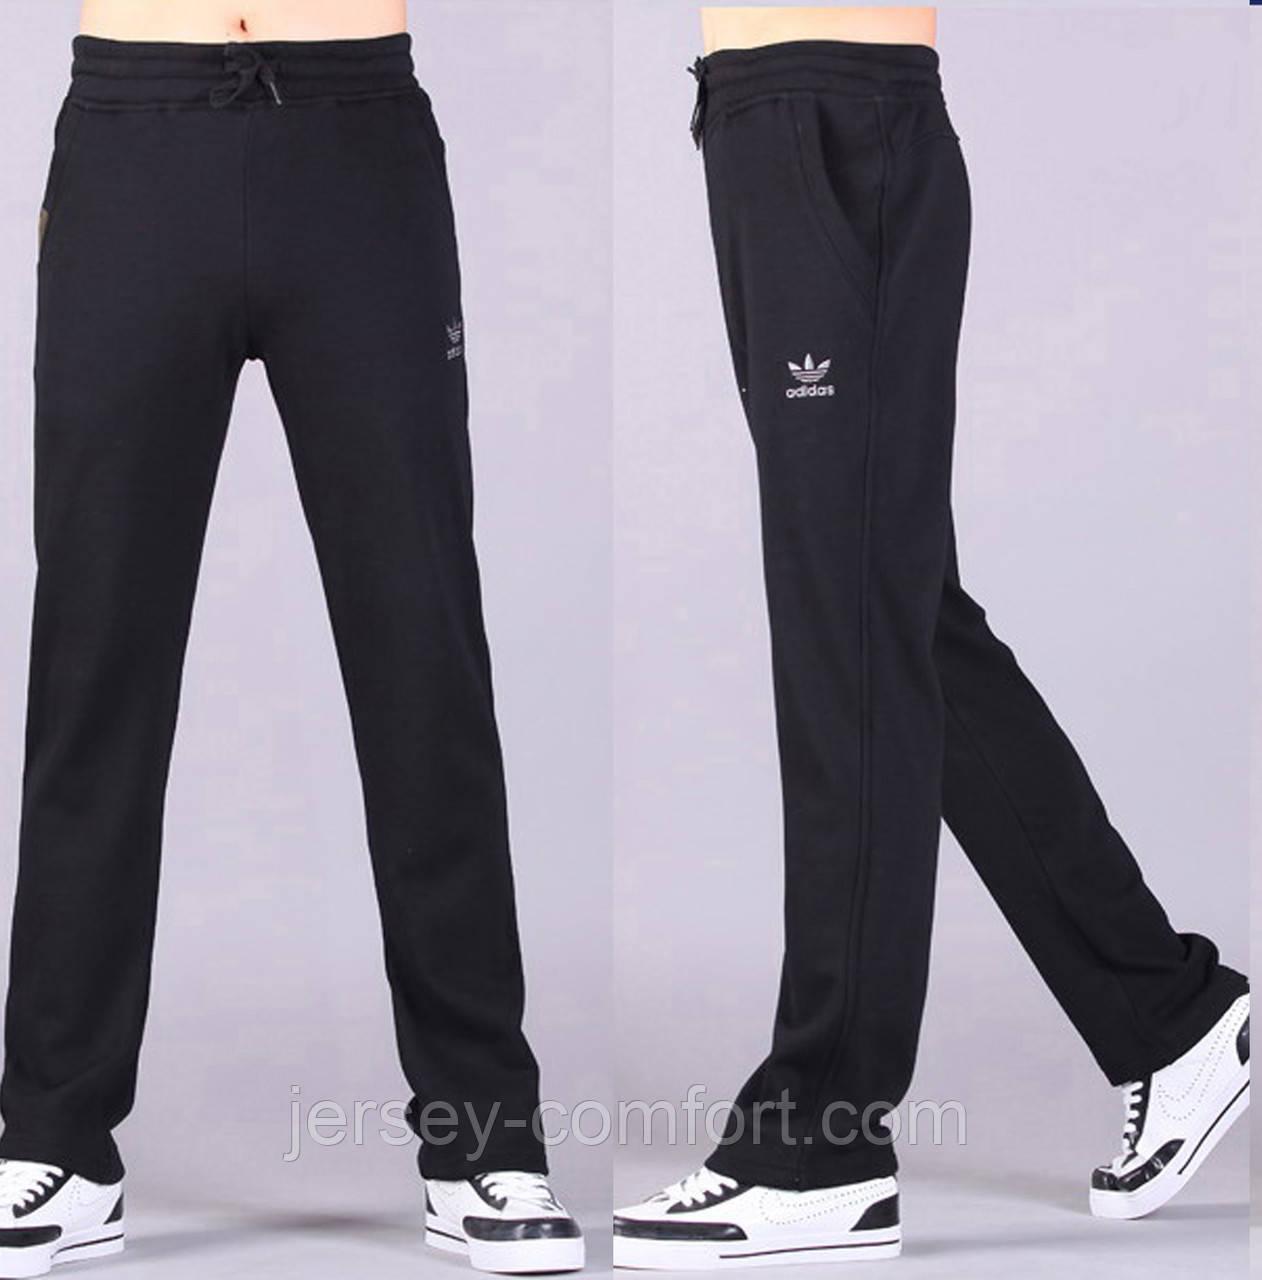 Брюки мужские спортивные черные, синие, серые. Мод. 4021.